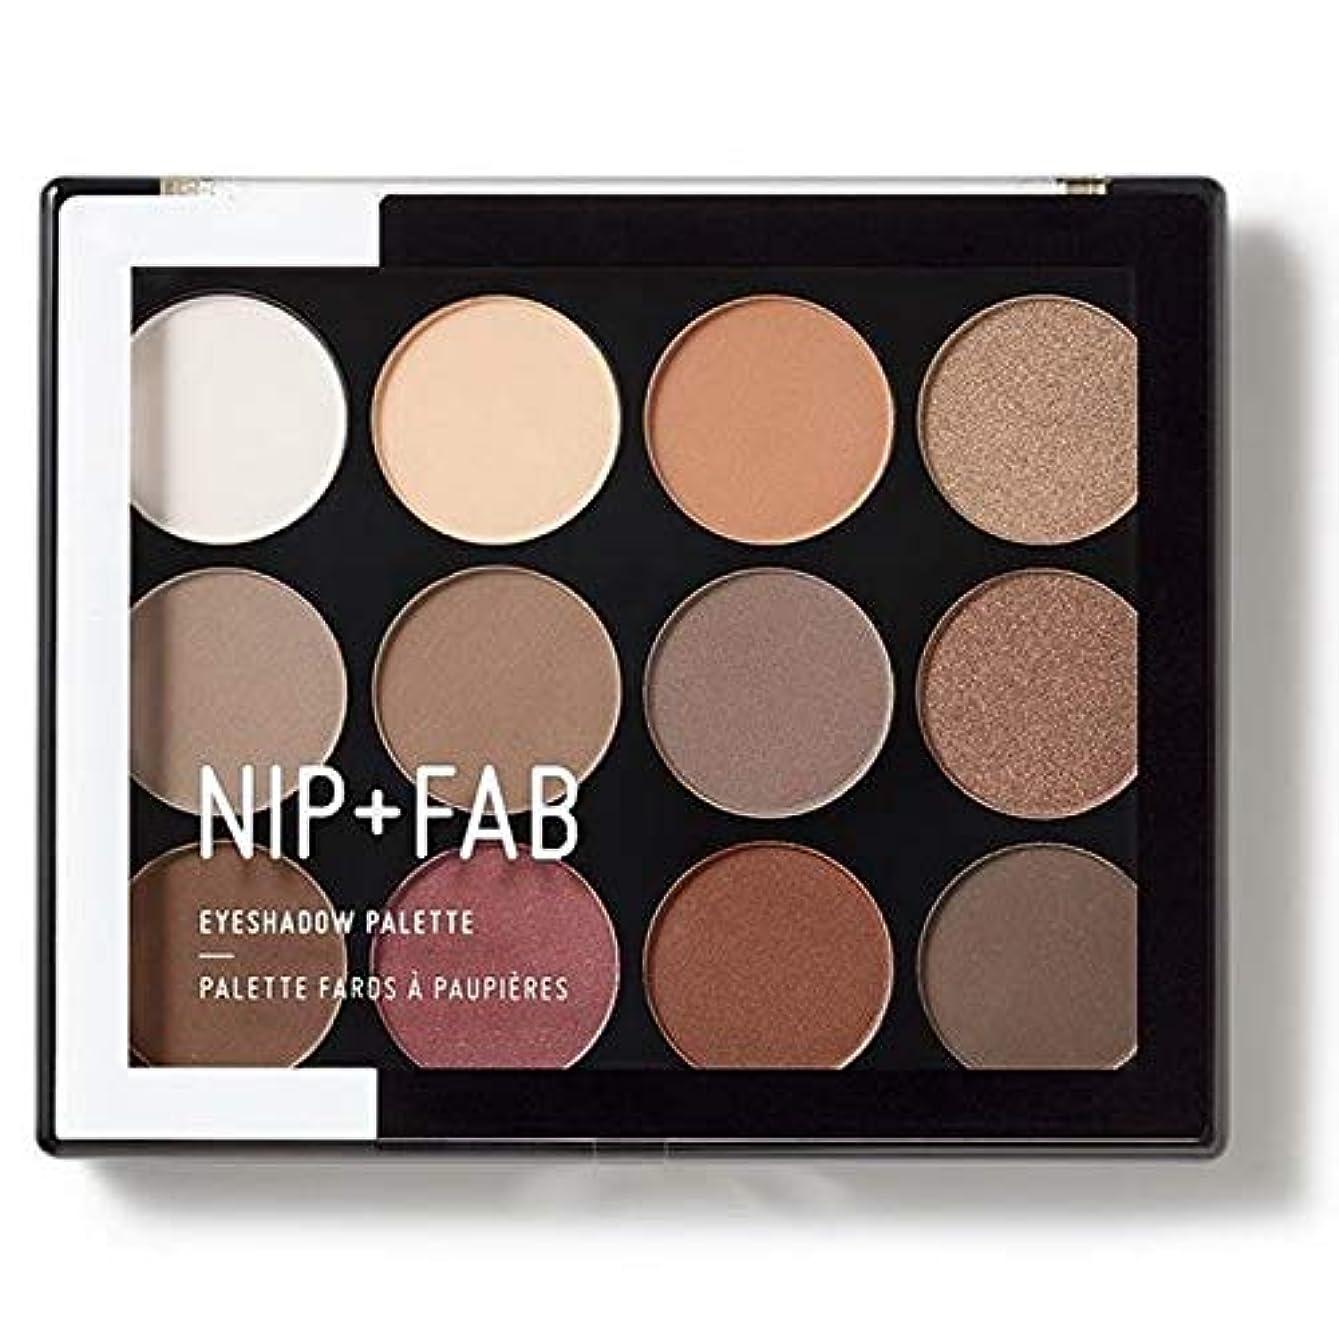 同僚メダリスト初心者[Nip & Fab ] アイシャドウパレット12グラムが1を彫刻作るFab +ニップ - NIP+FAB Make Up Eyeshadow Palette 12g Sculpted 1 [並行輸入品]